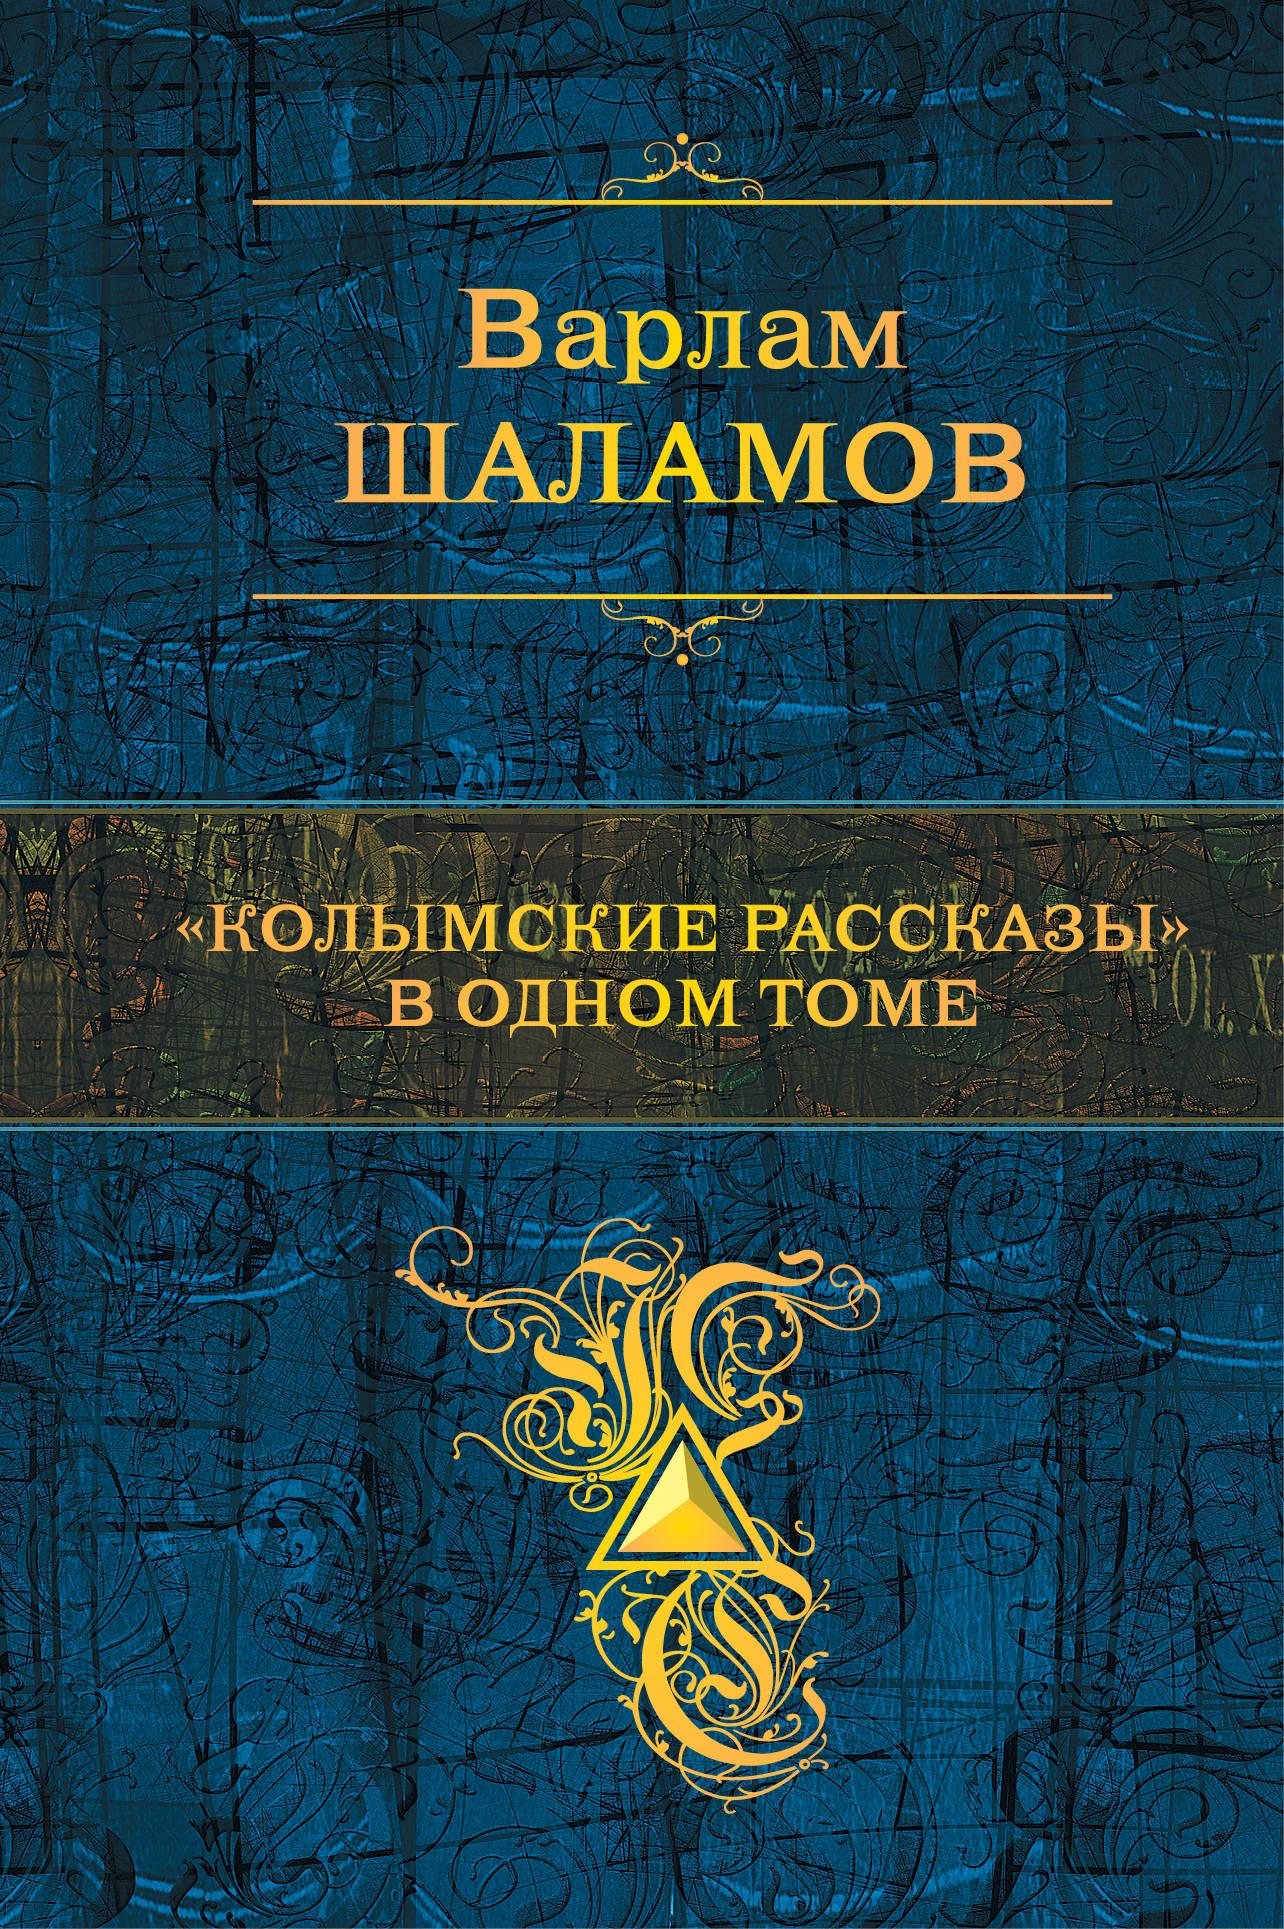 """Книга """"Колымские рассказы"""" в одном томе. Варлам Шаламов"""